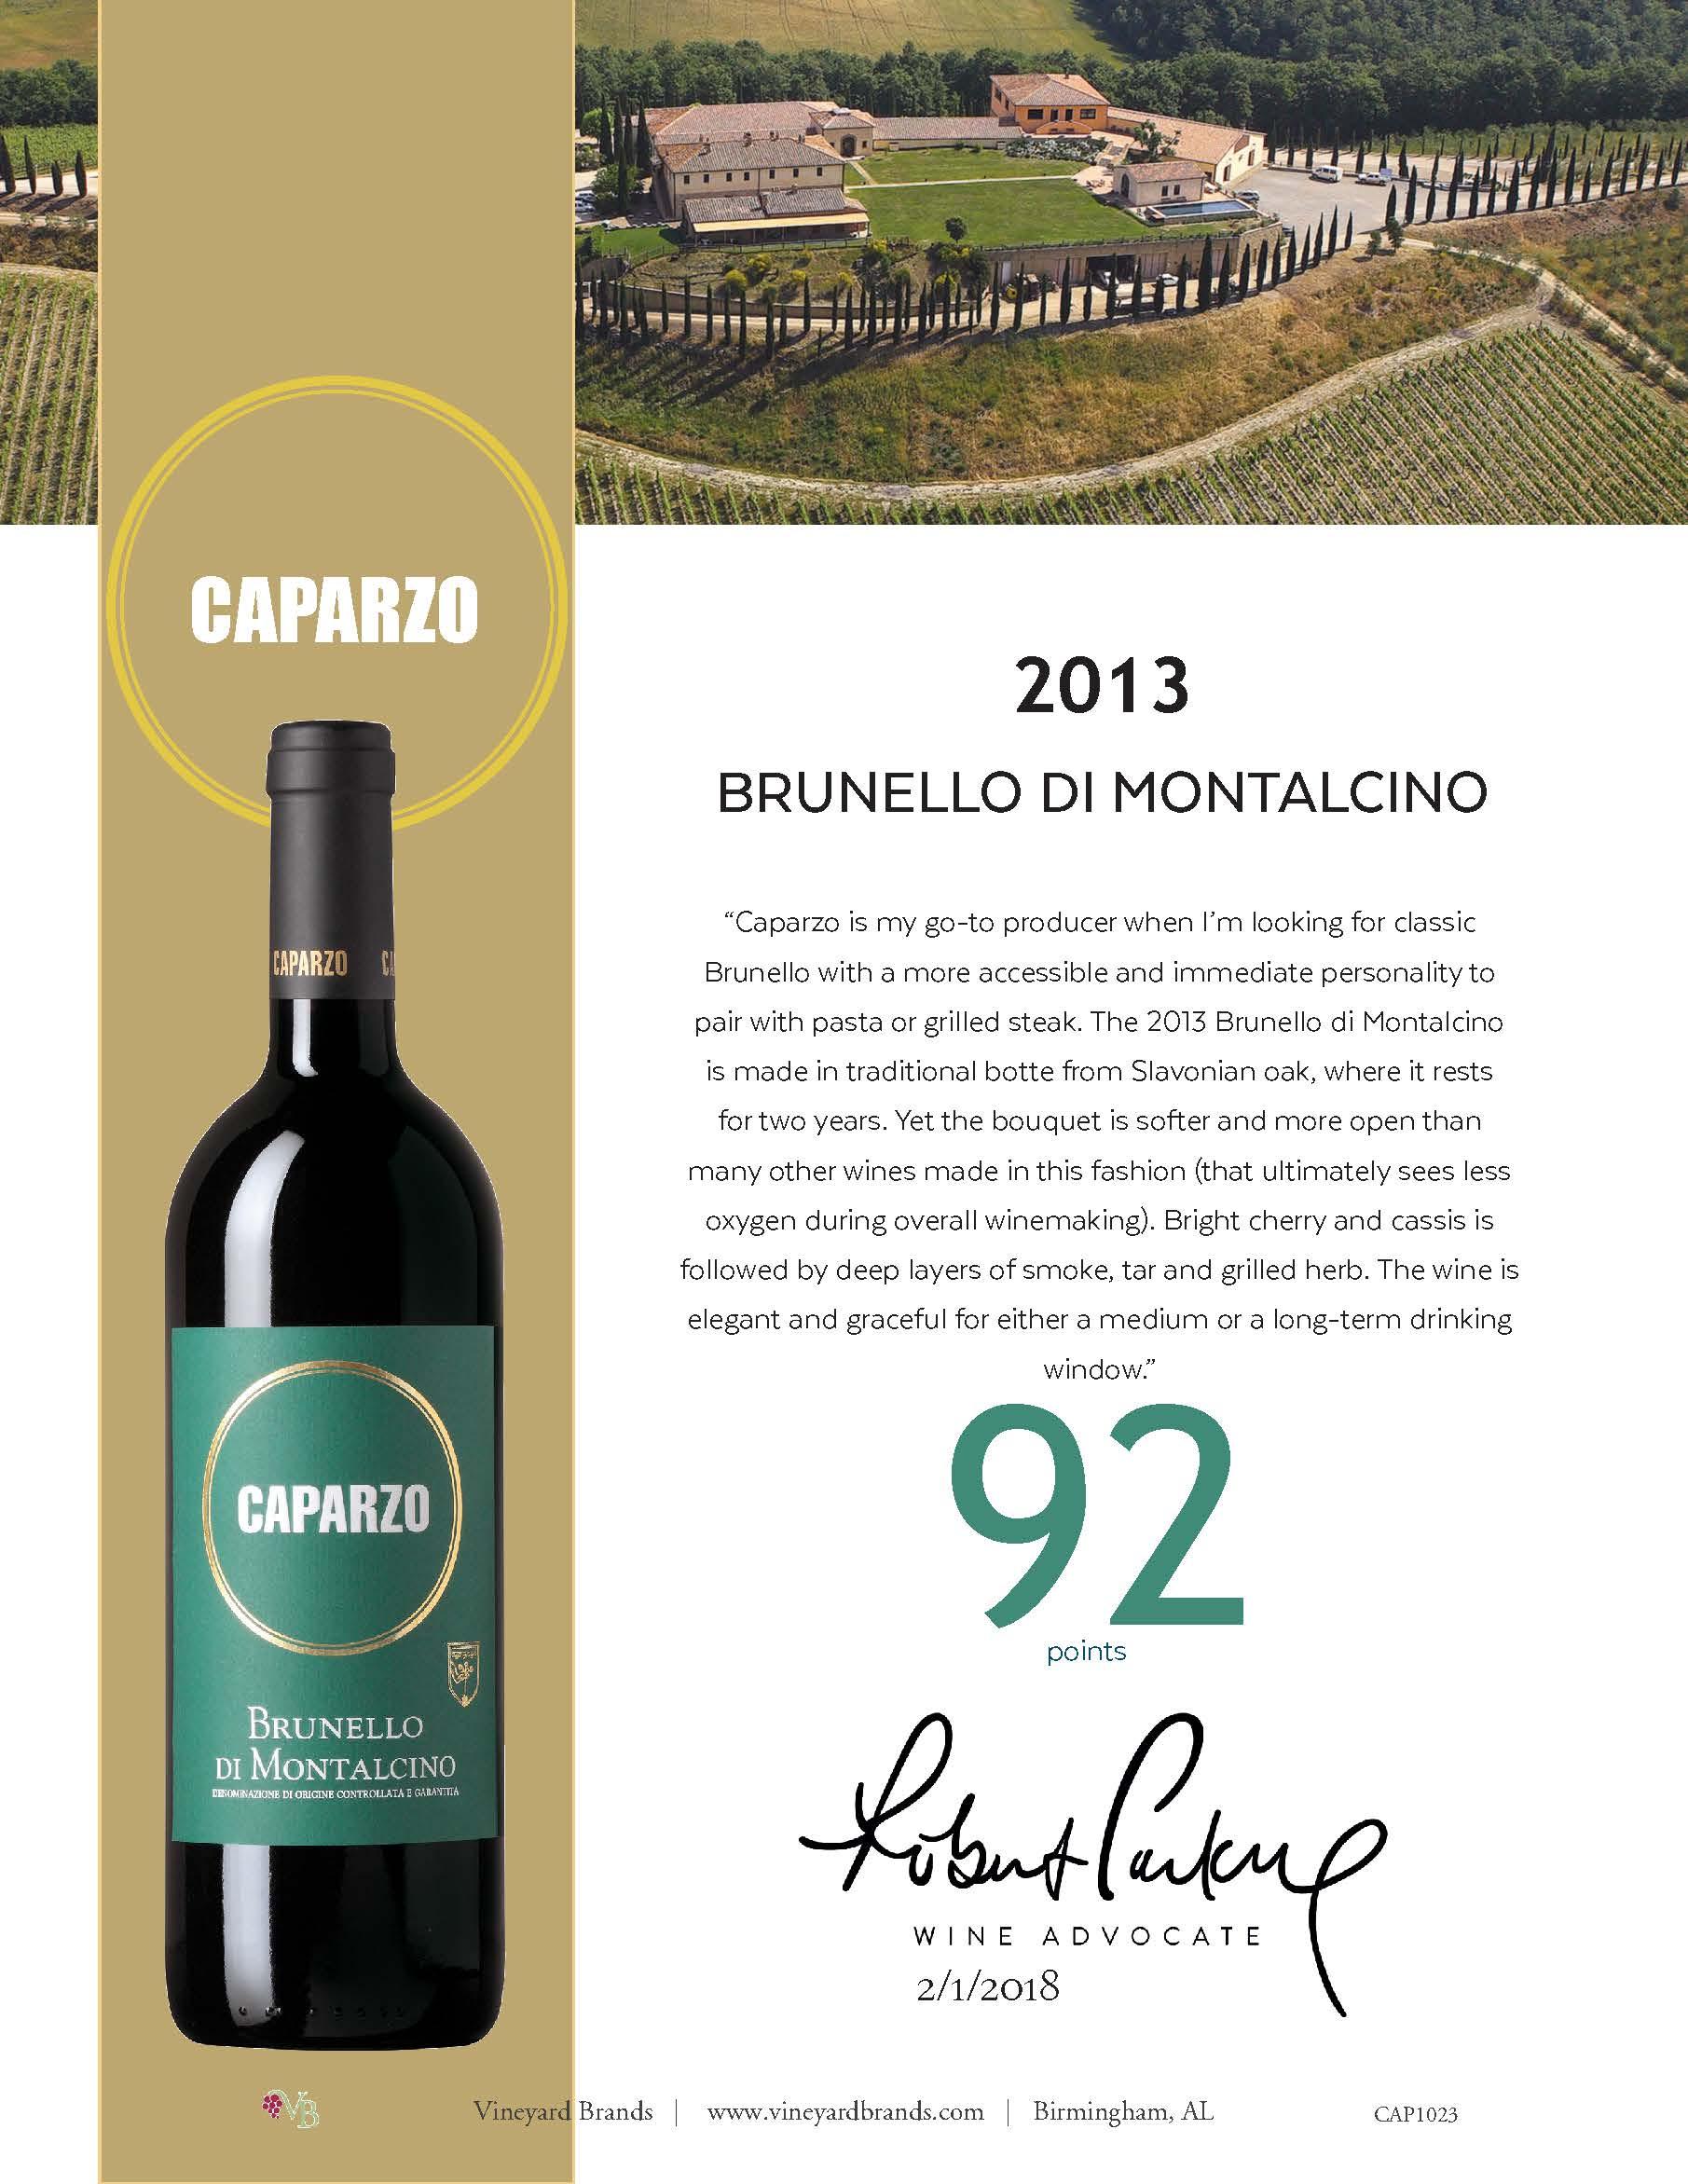 Caparzo Brunello di Montalcino 2013 2.jpg